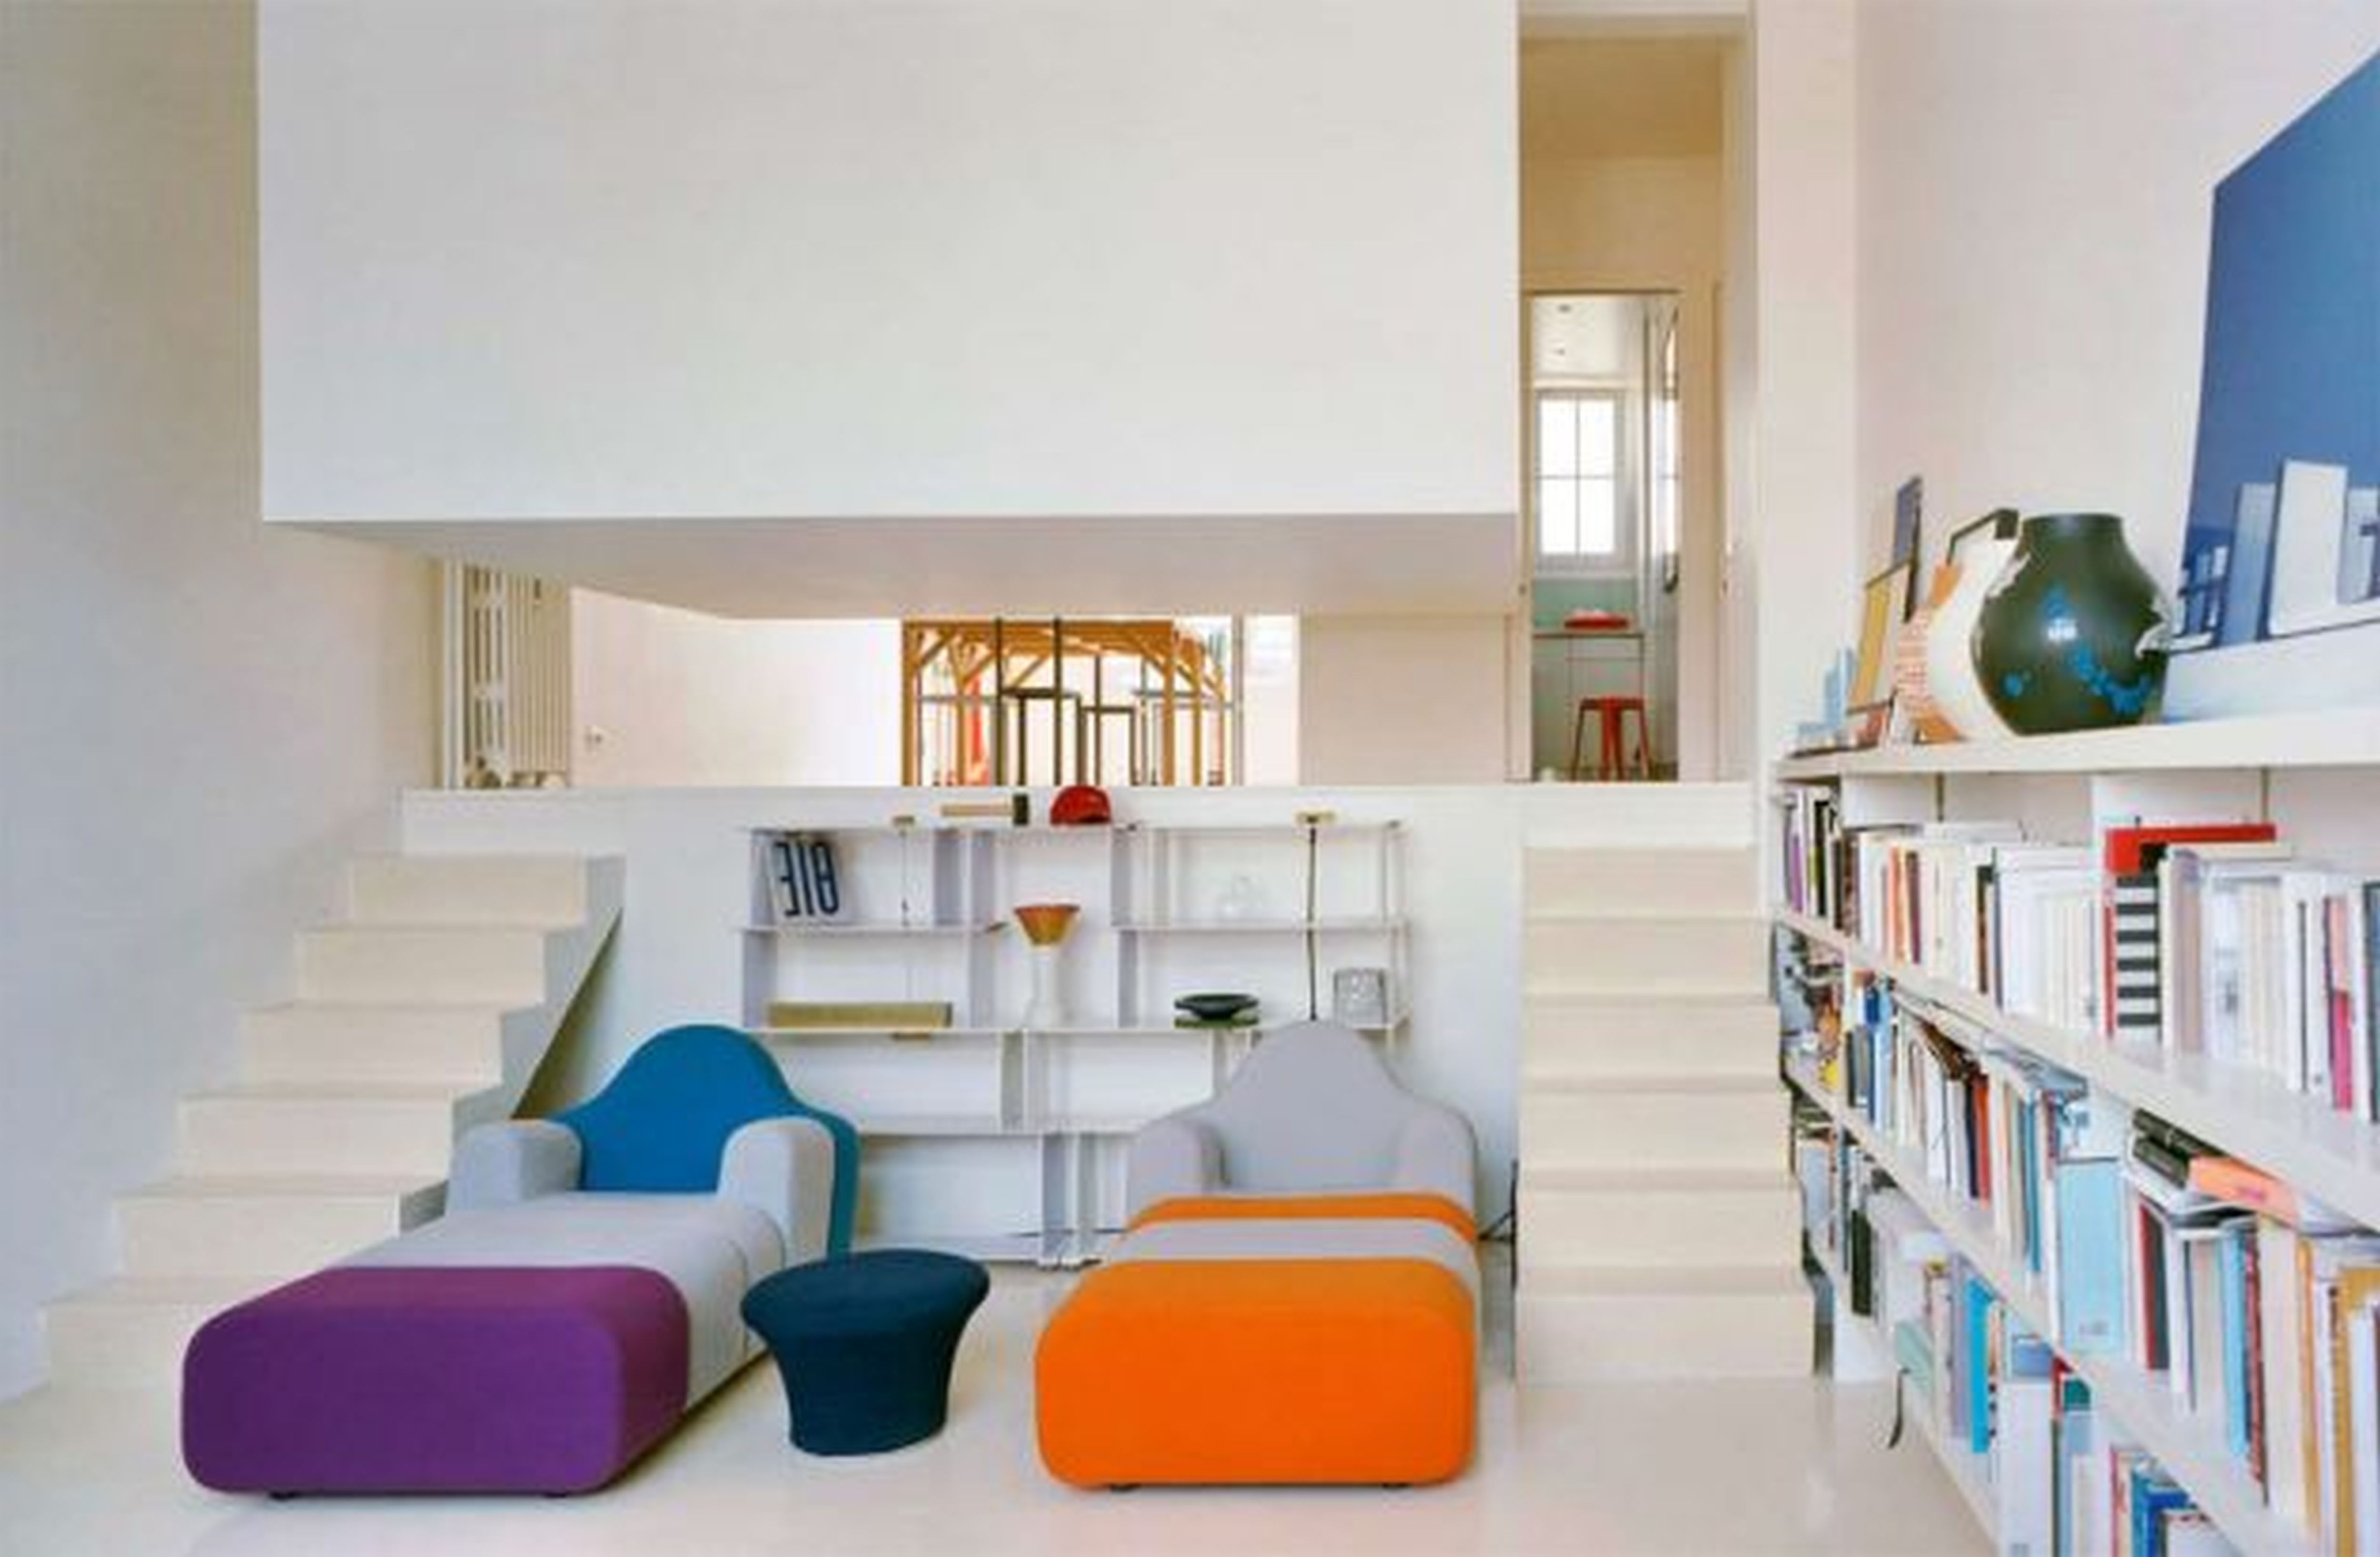 Living Room Apartment Startling Diy Home Decor Ideas For Amazing Budget Living Room Decorating Ideas Design Inspiration